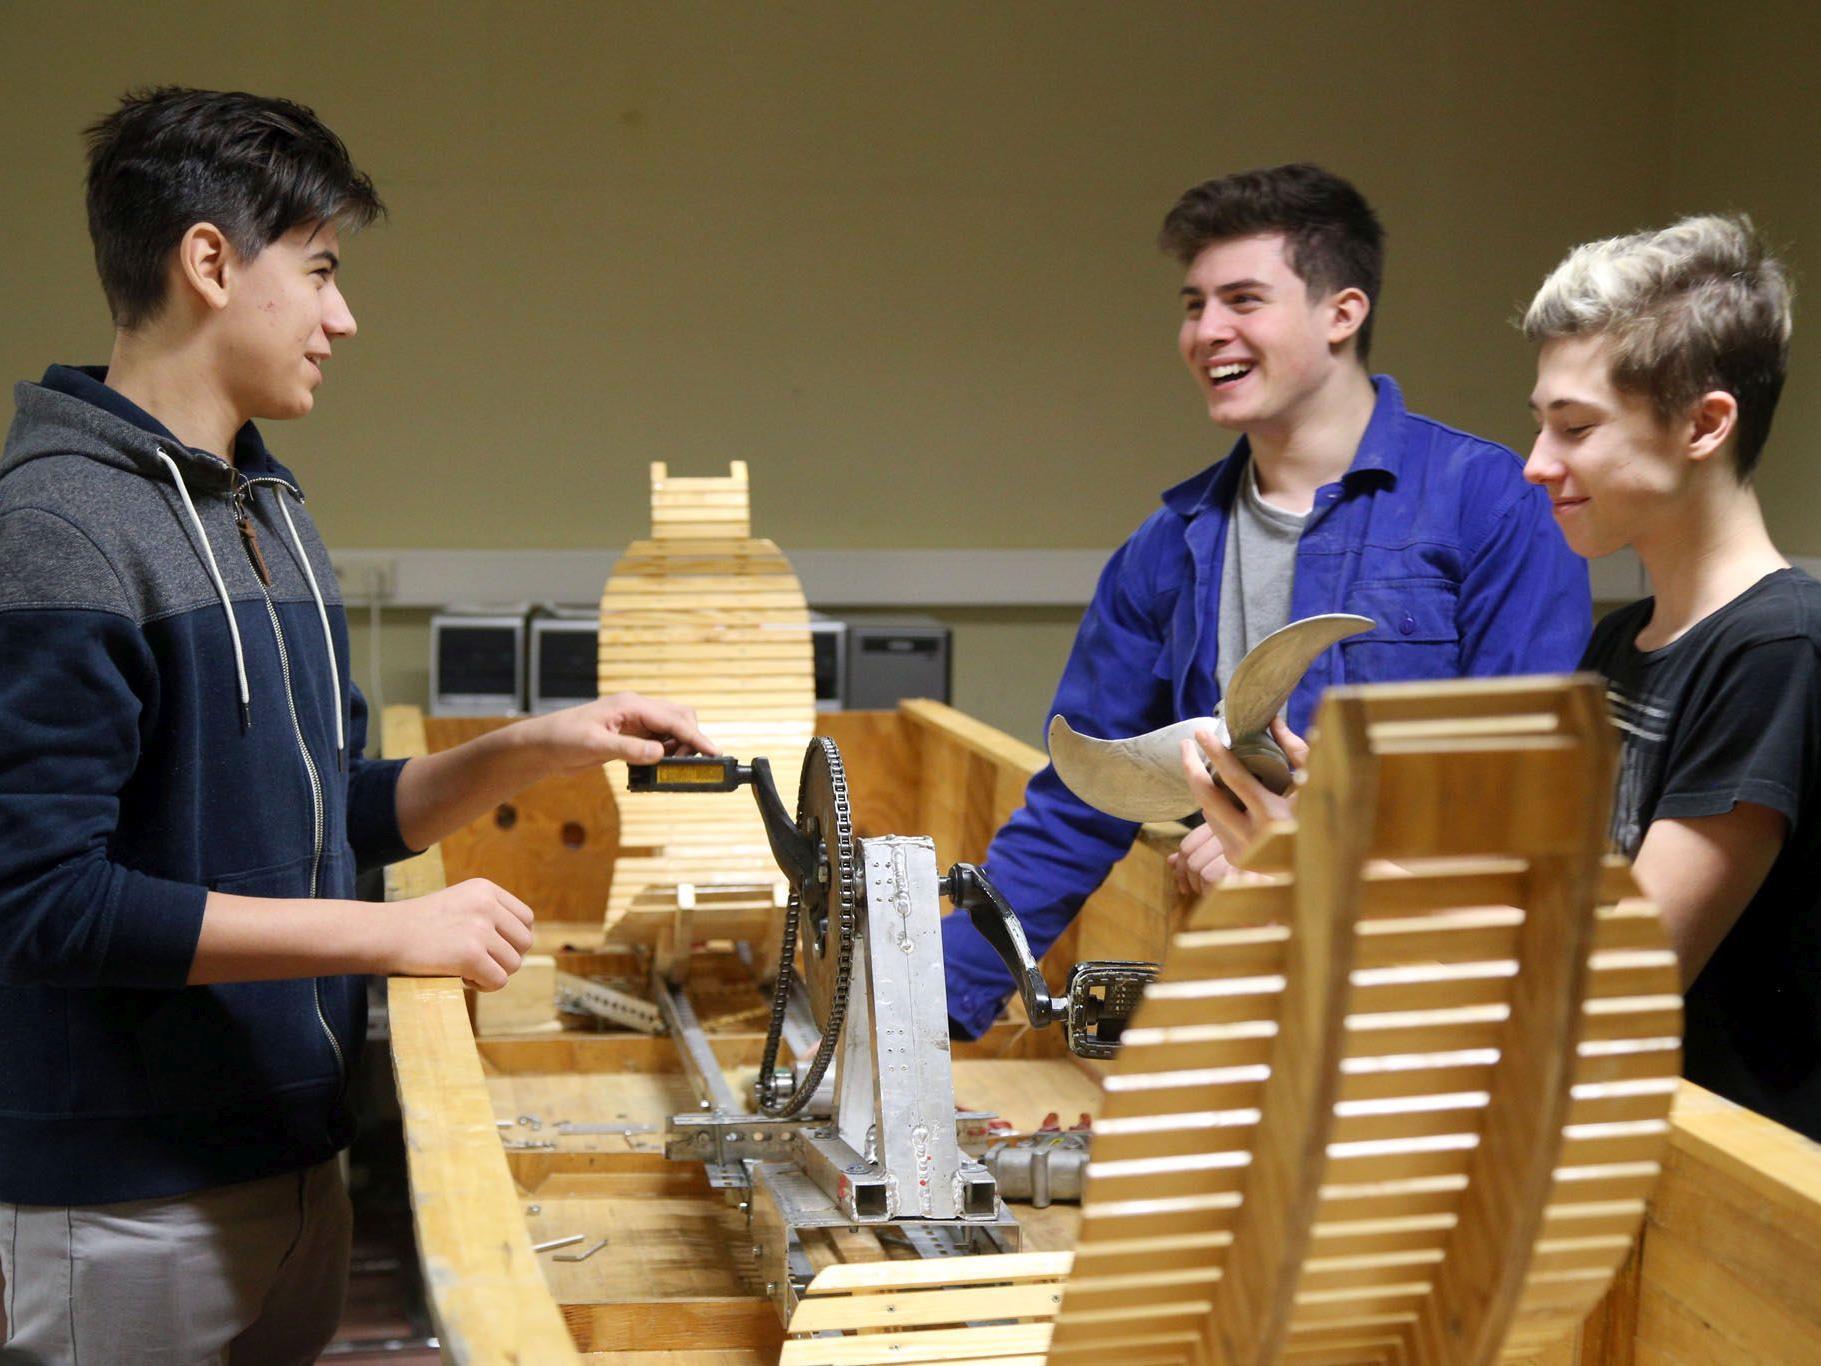 Wiener HTL Ettenreichgasse: Schüler bauen innovative Tretboote.